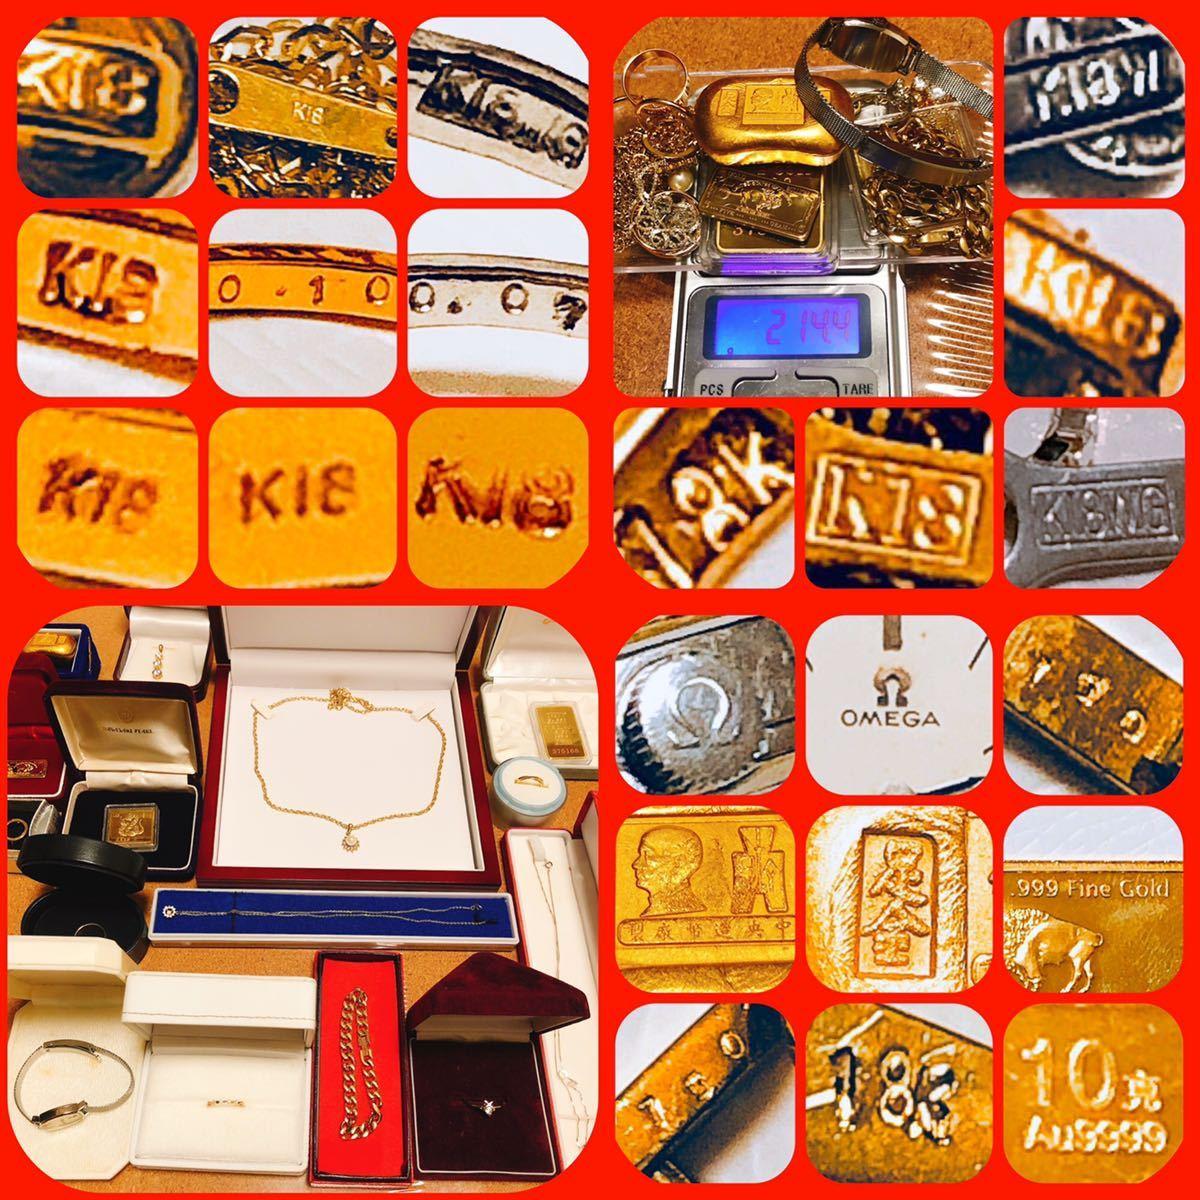 年末整理品 k18 k18WG 999.9 等の各種刻印 オメガ 含む 遺品整理品 アクセ?#21333;戛` 腕時計 ネックレス 指輪 リング 大量 セット まとめて